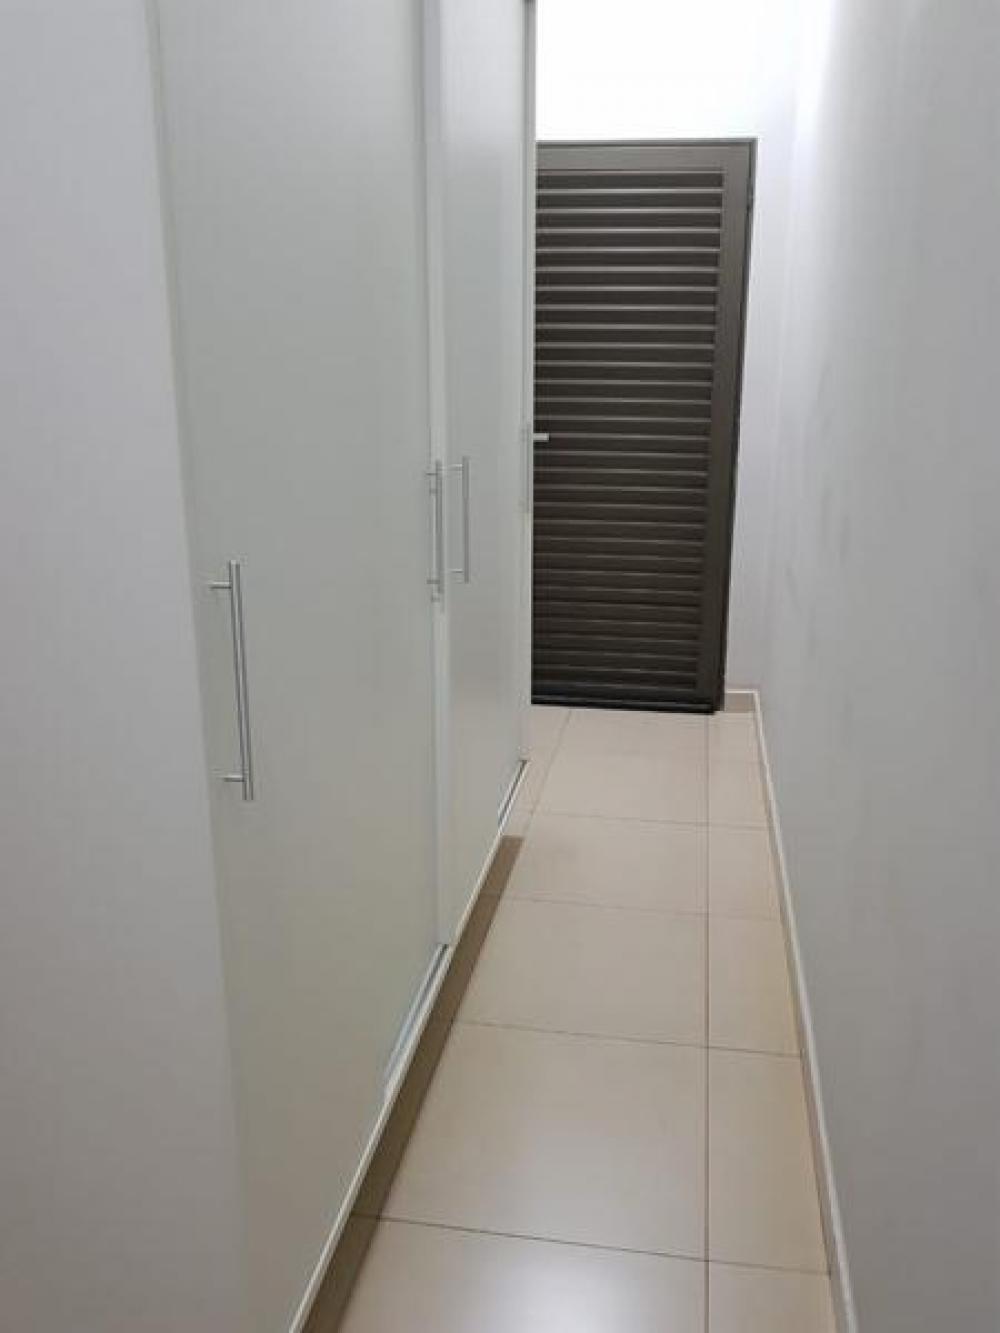 Alugar Casa / Padrão em São José do Rio Preto apenas R$ 3.500,00 - Foto 11